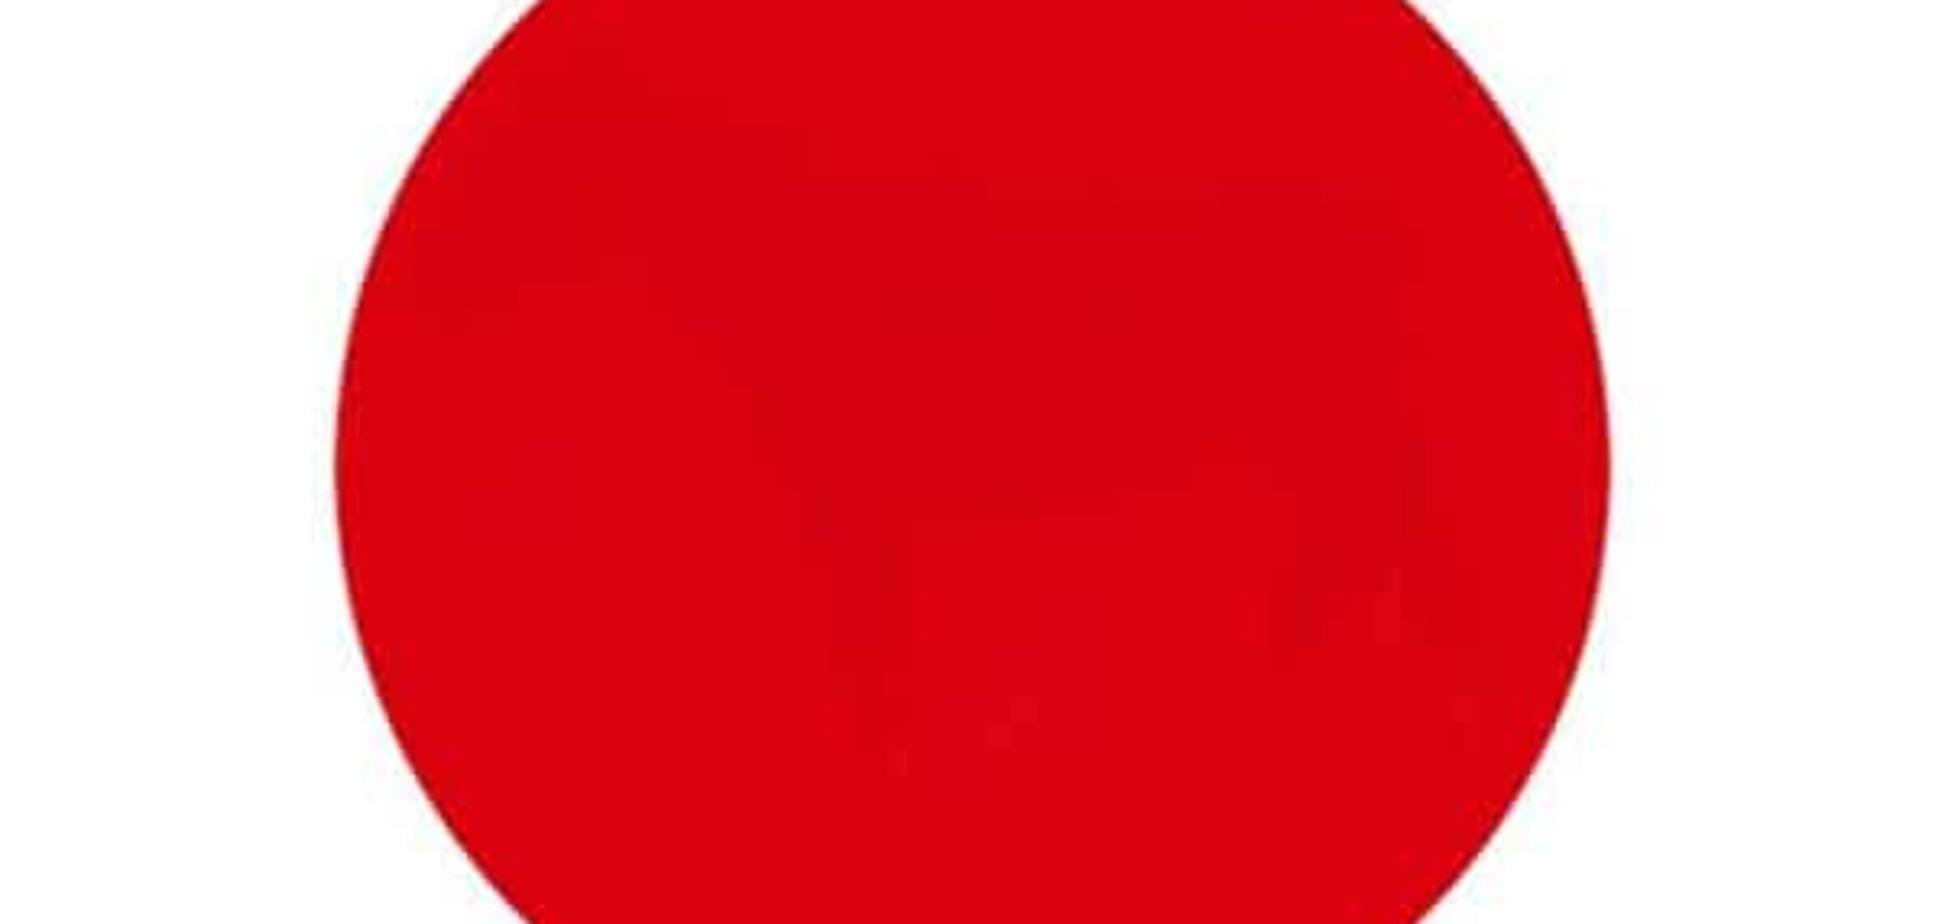 Зорова ілюзія з червоним колом завела соцмережі в глухий кут. Фотофакт